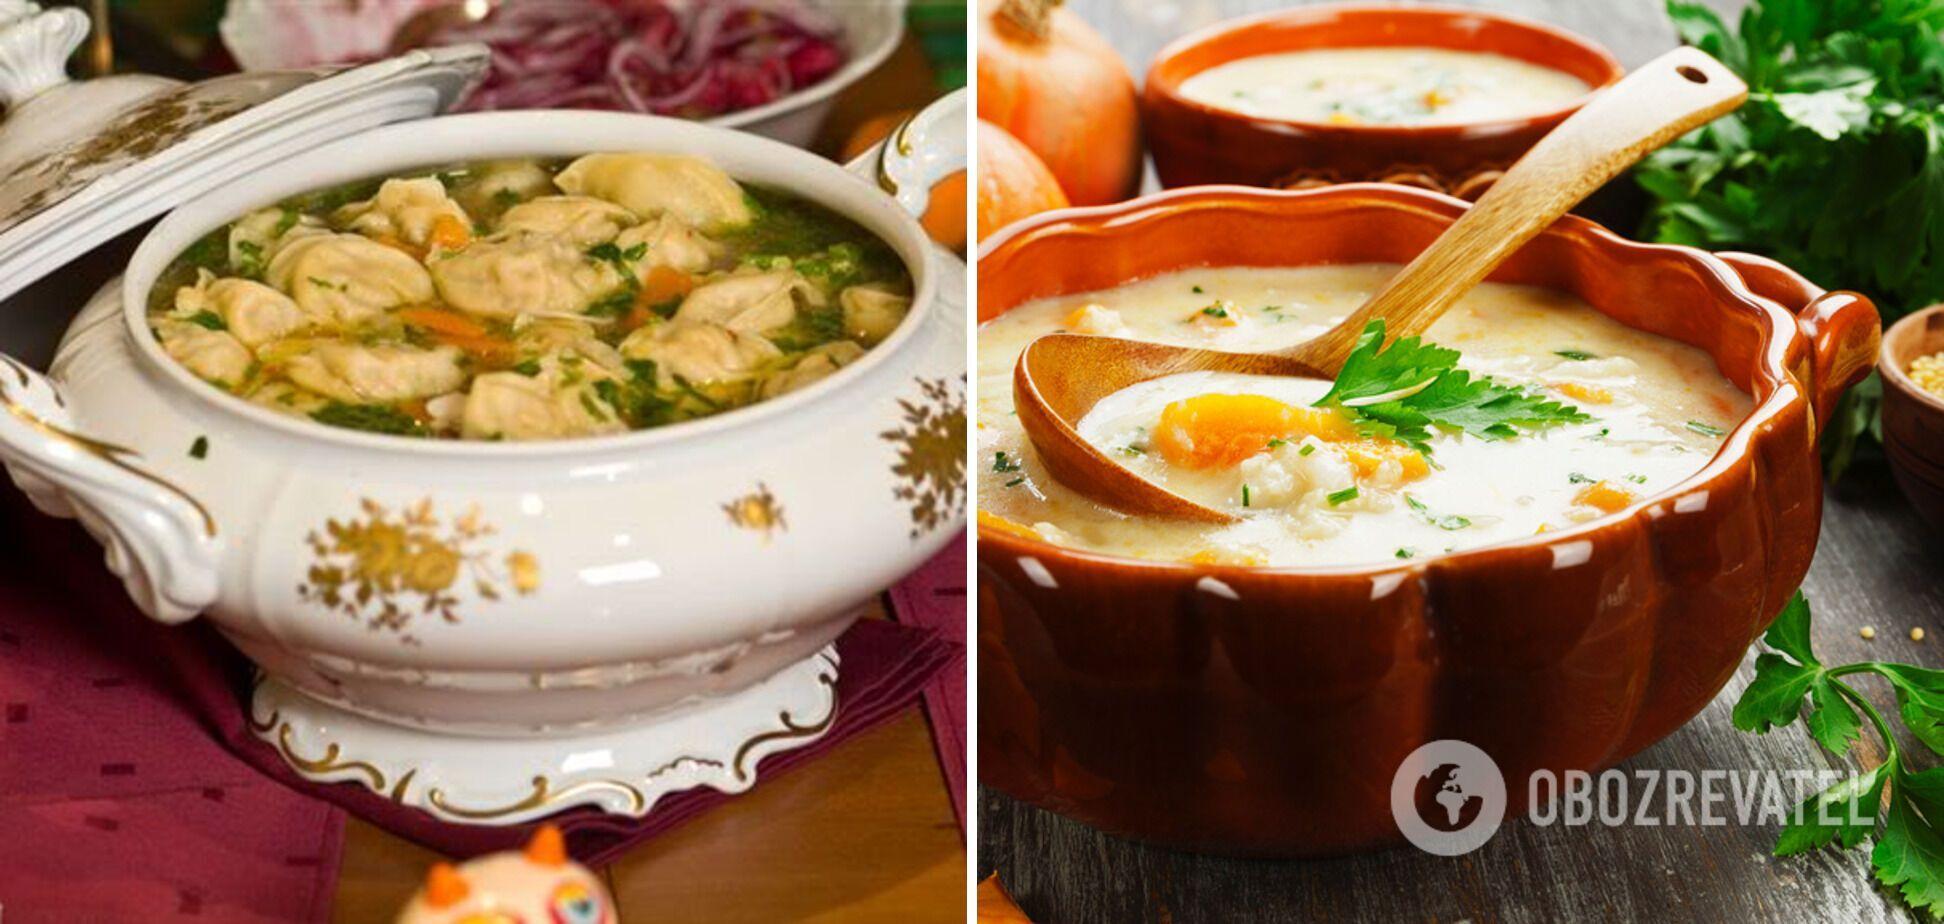 Супник – тарелка, в которой подают суп к столу.